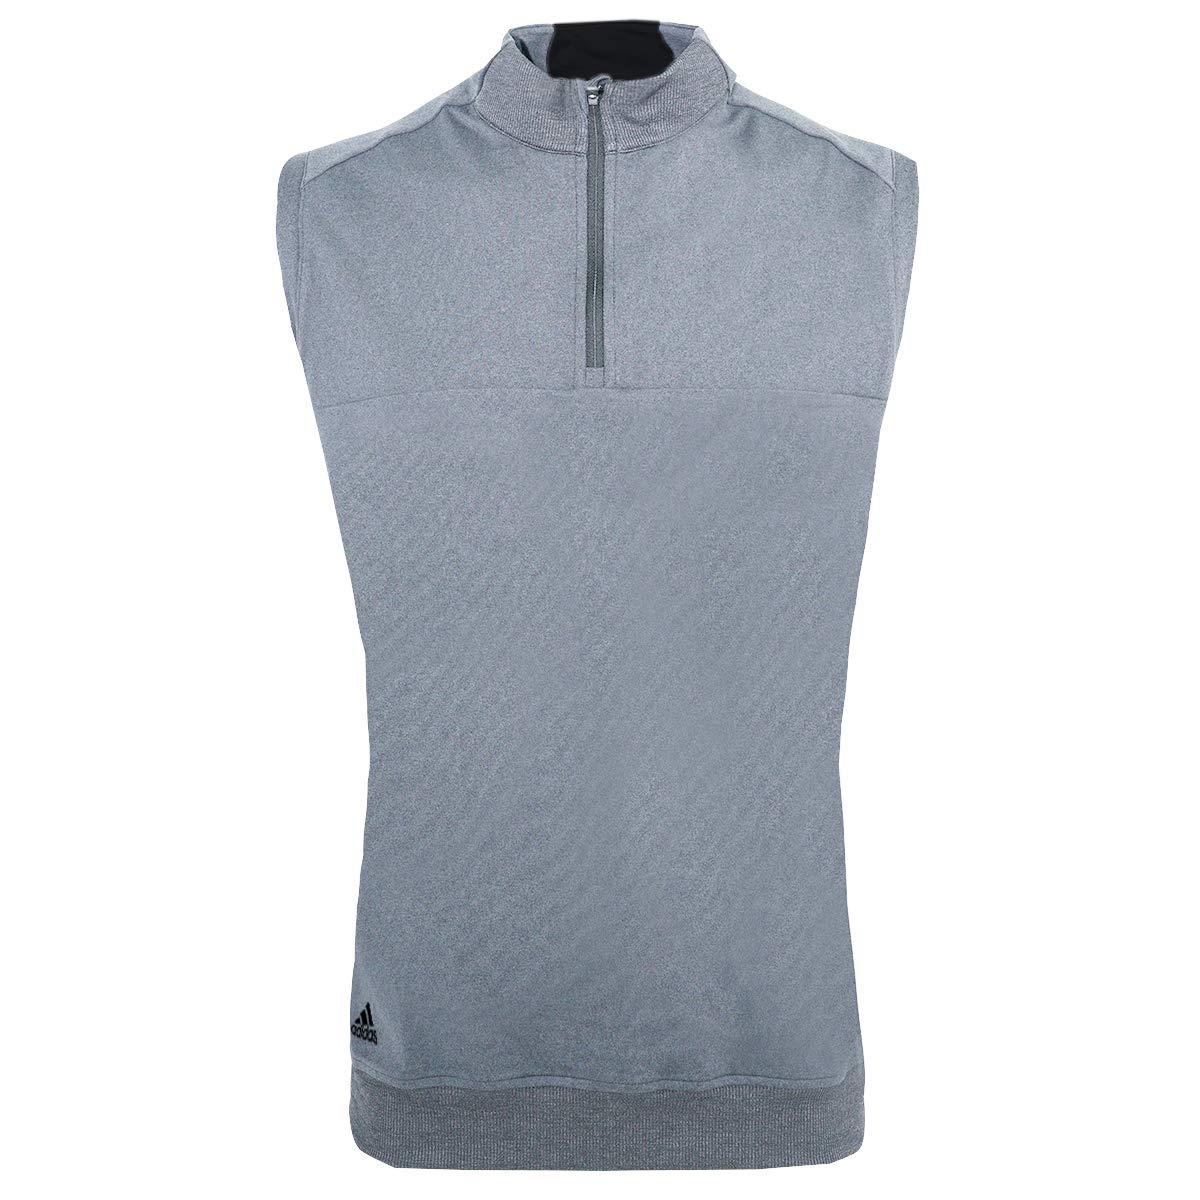 adidas Golf Mens Quarter-Zip Club Vest (A271) -Vista Grey -S